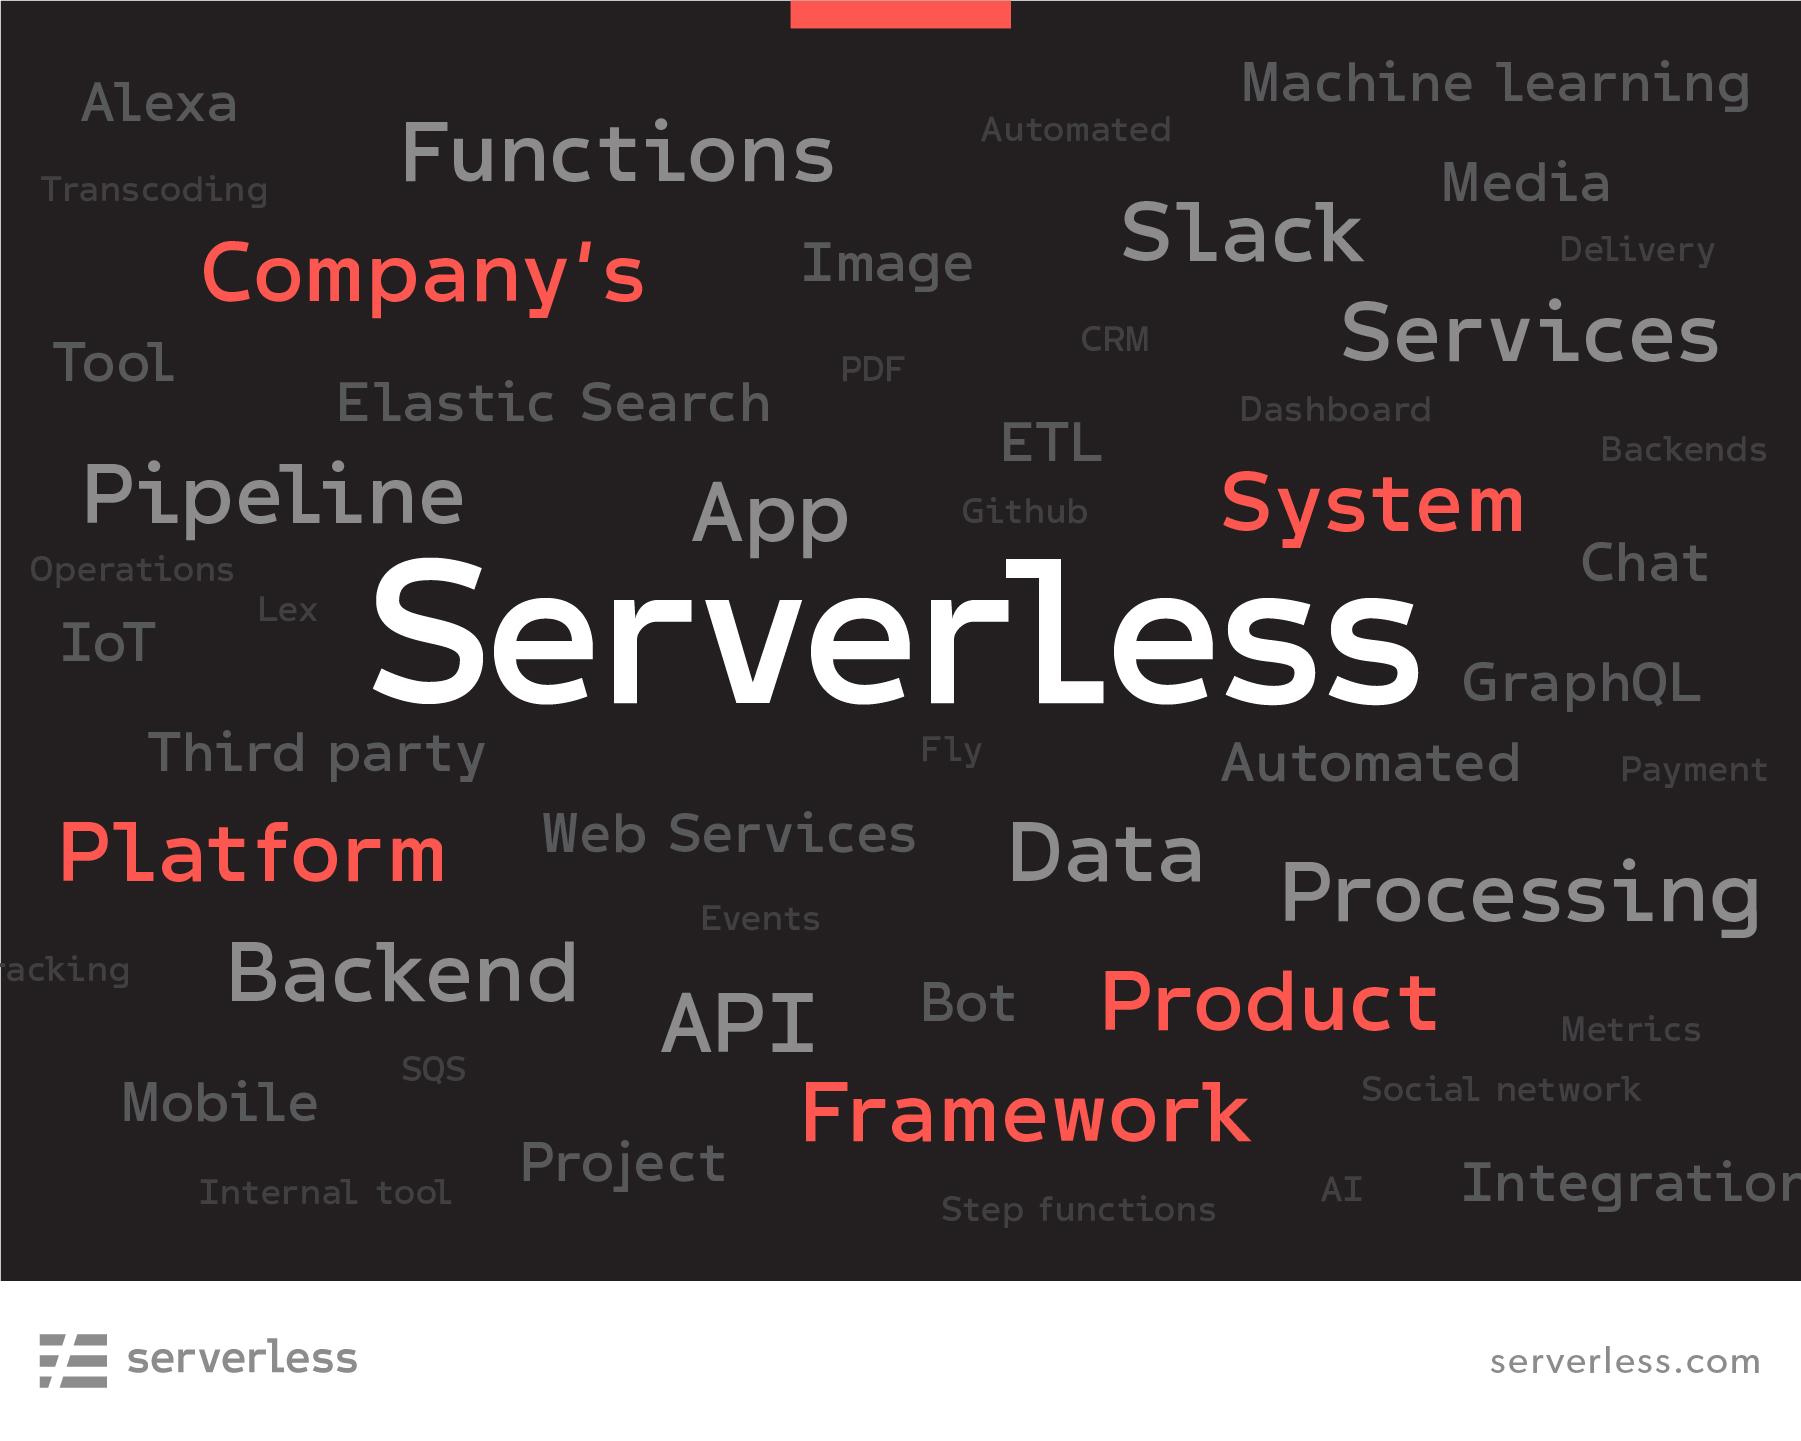 社区调查:Serverless 使用率大幅增长